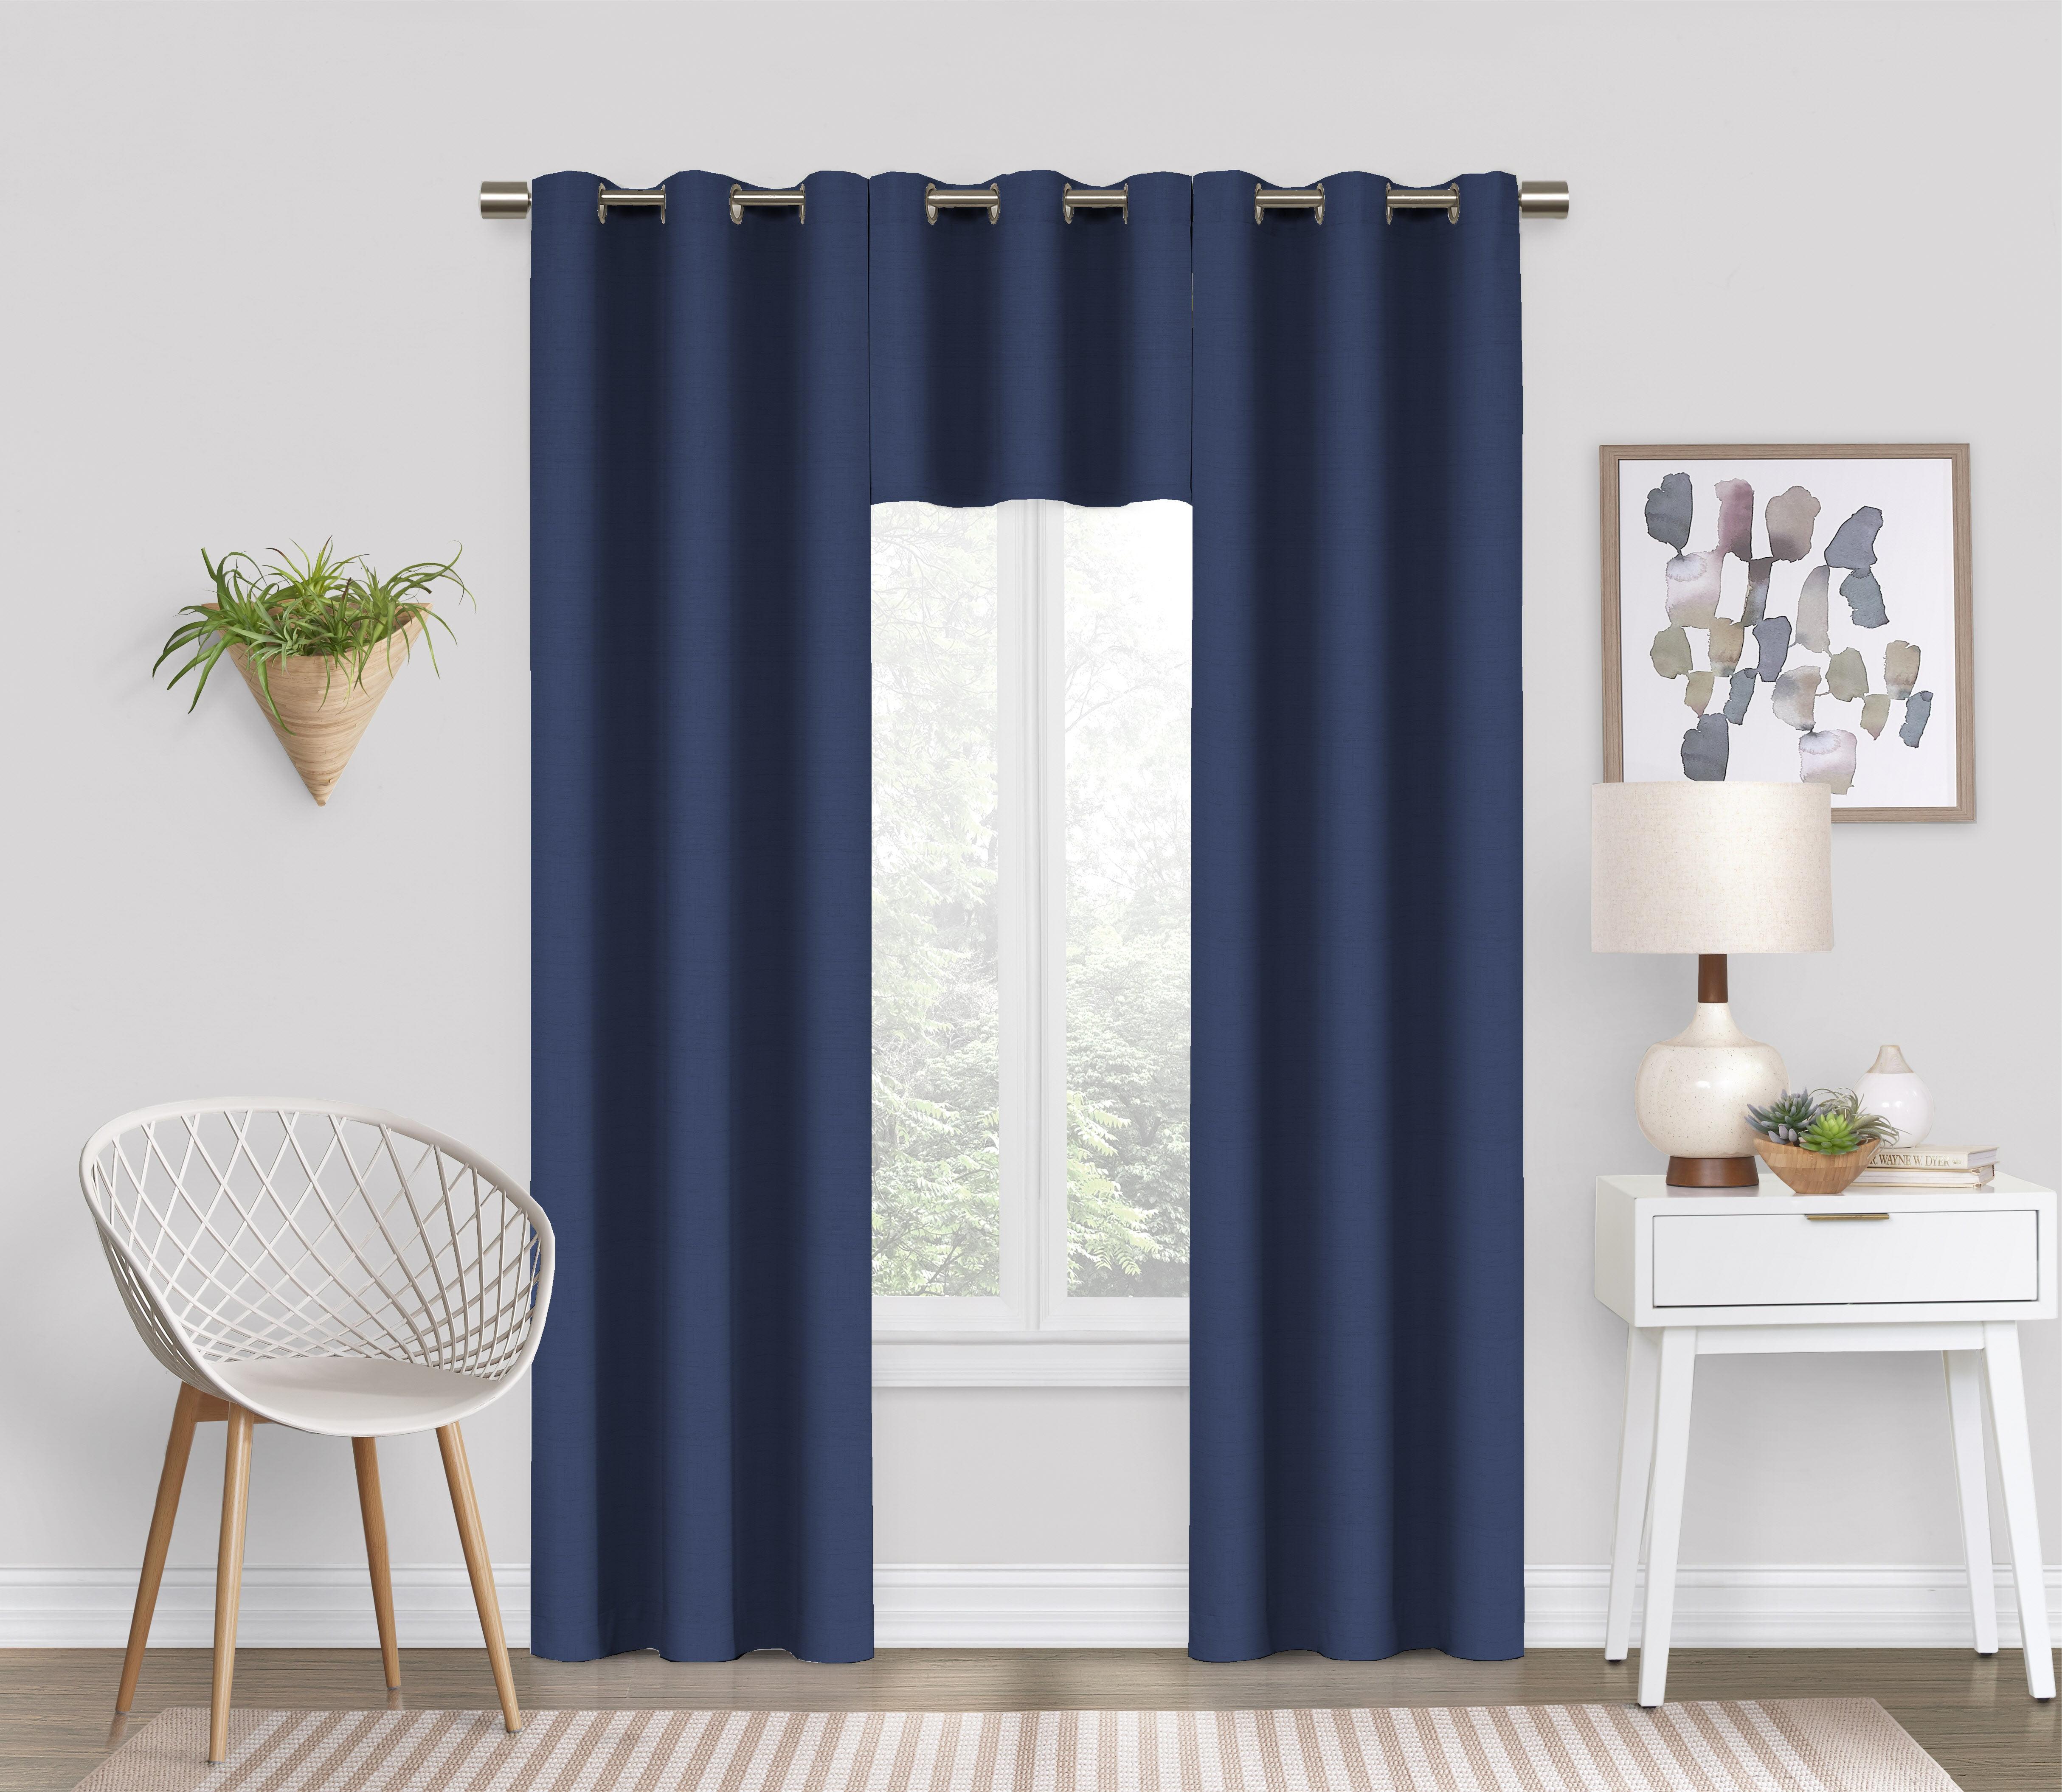 Eclipse Dayton Solid Color Blackout Grommet Single Curtain Panel Black 42 X 63 Walmart Com Walmart Com